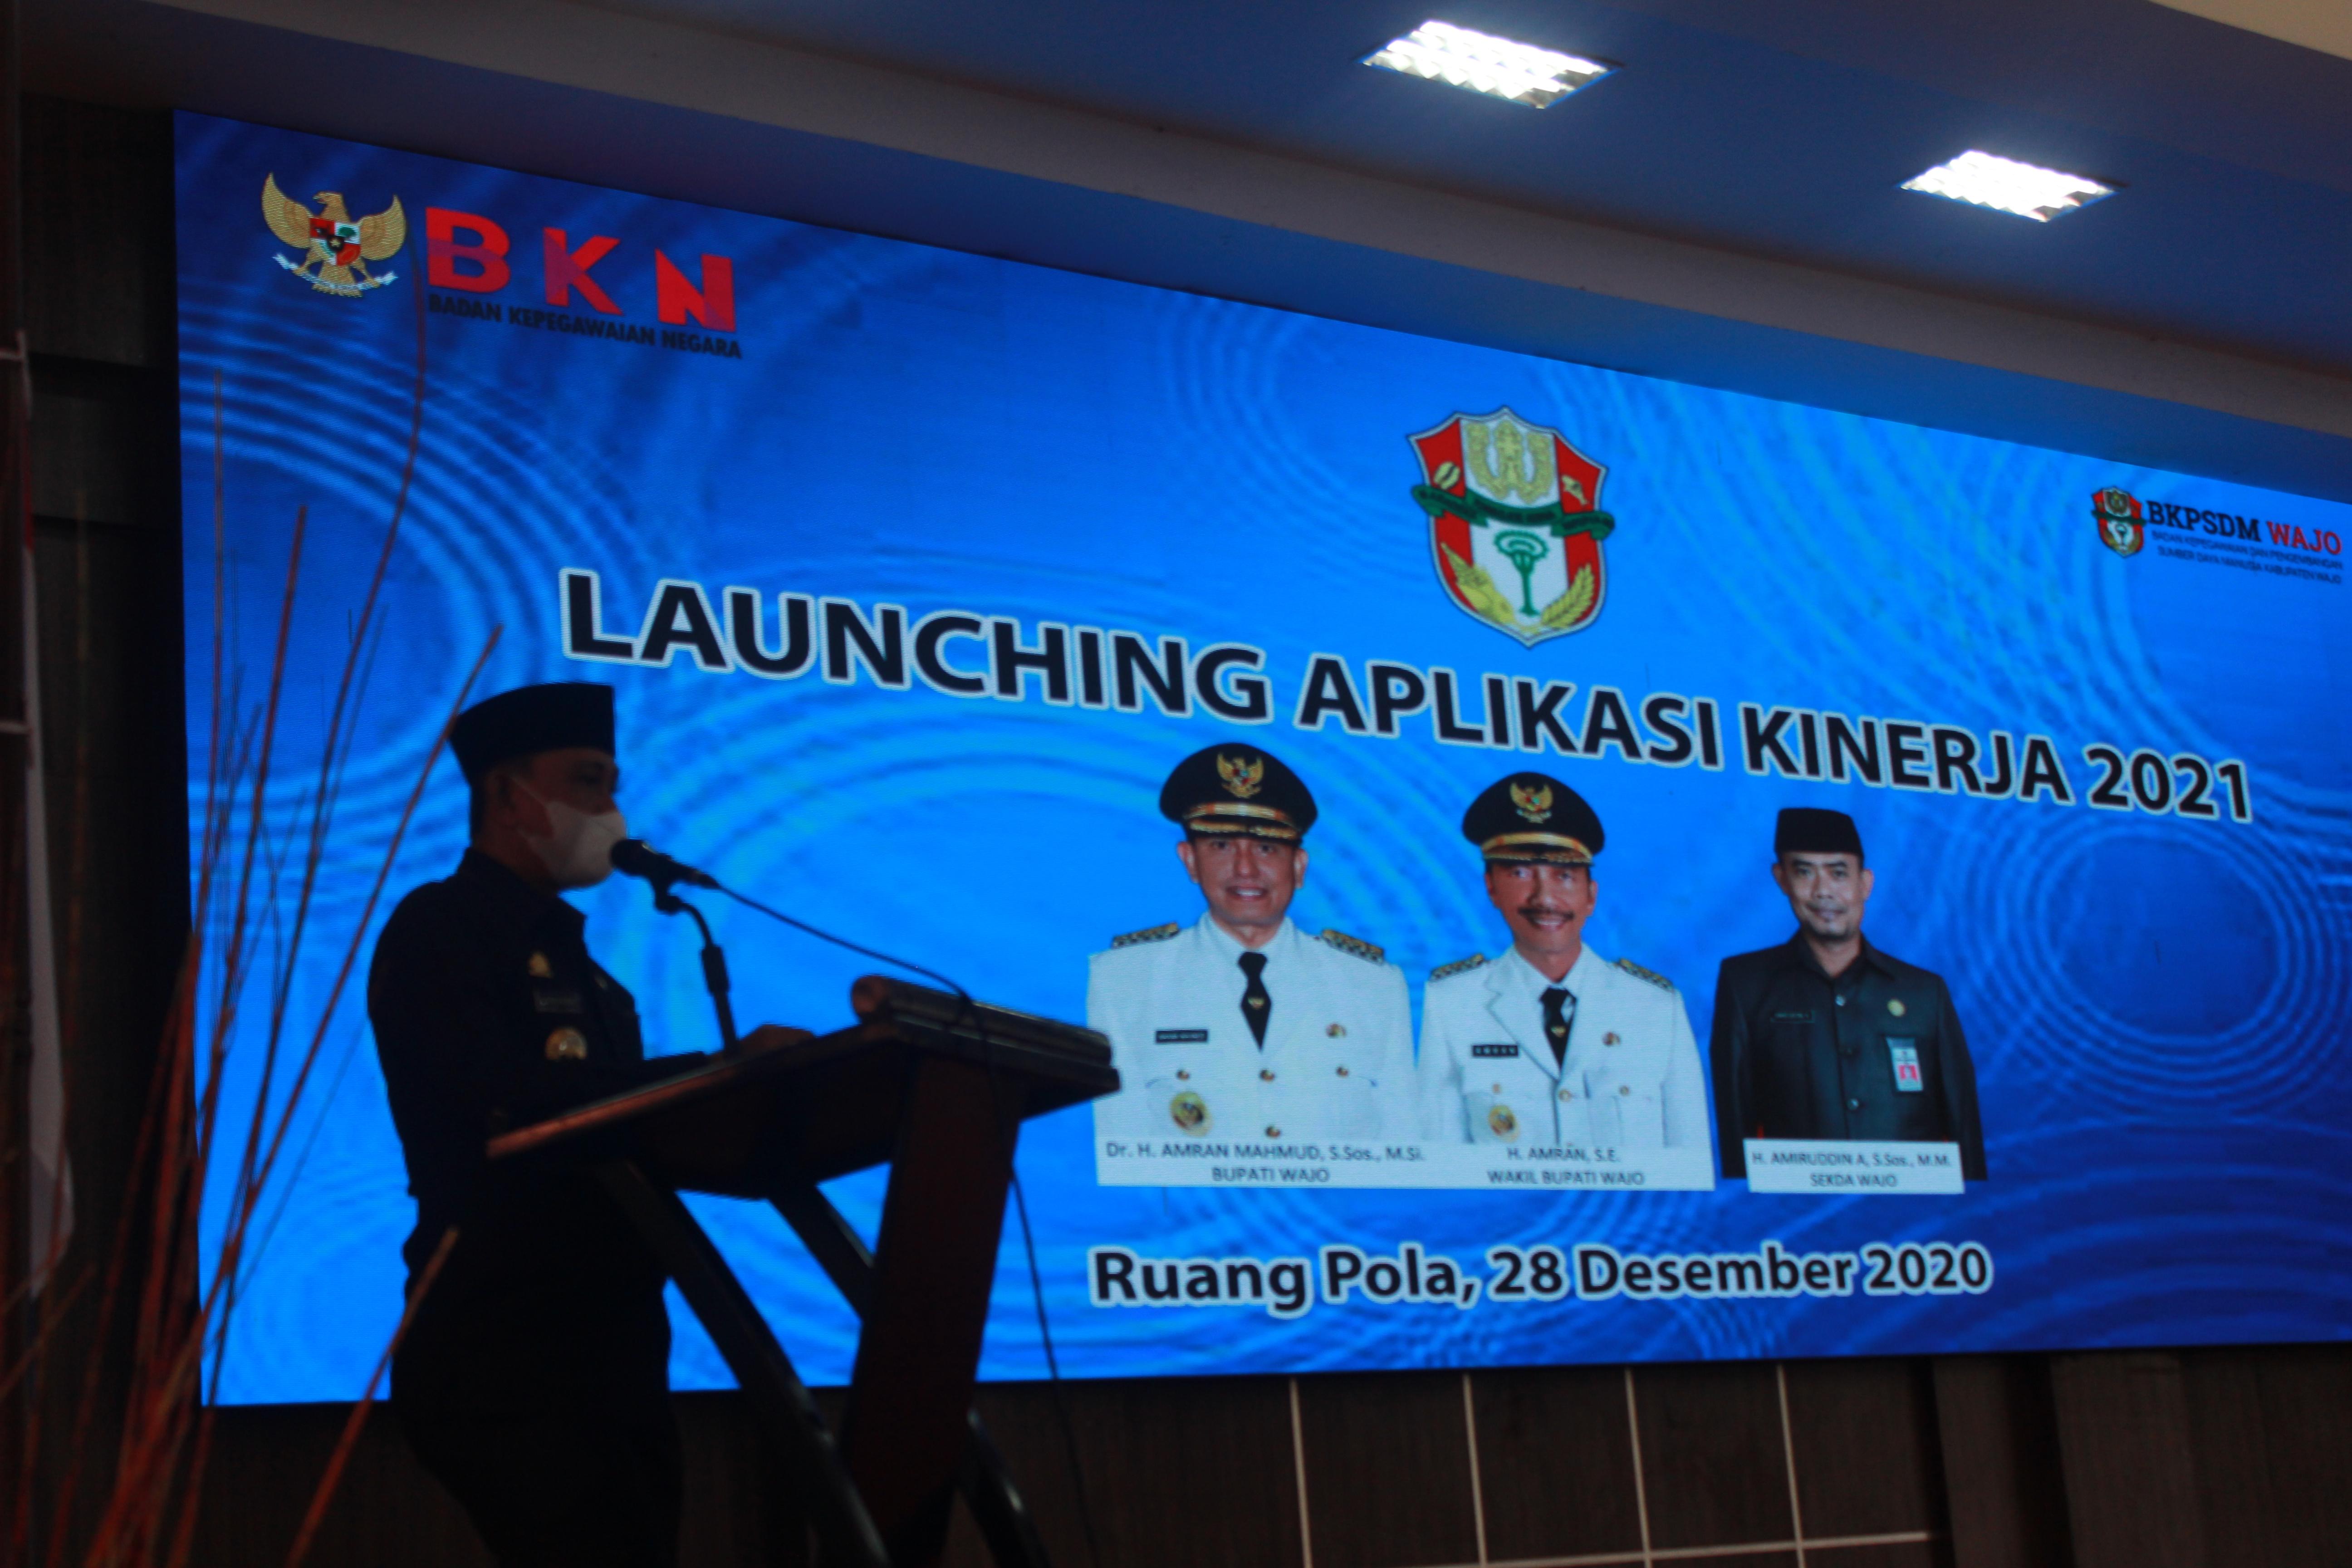 Launching Aplikasi Kinerja Versi 3 0 Pemerintah Kabupaten Wajo Bkpsdm Wajo